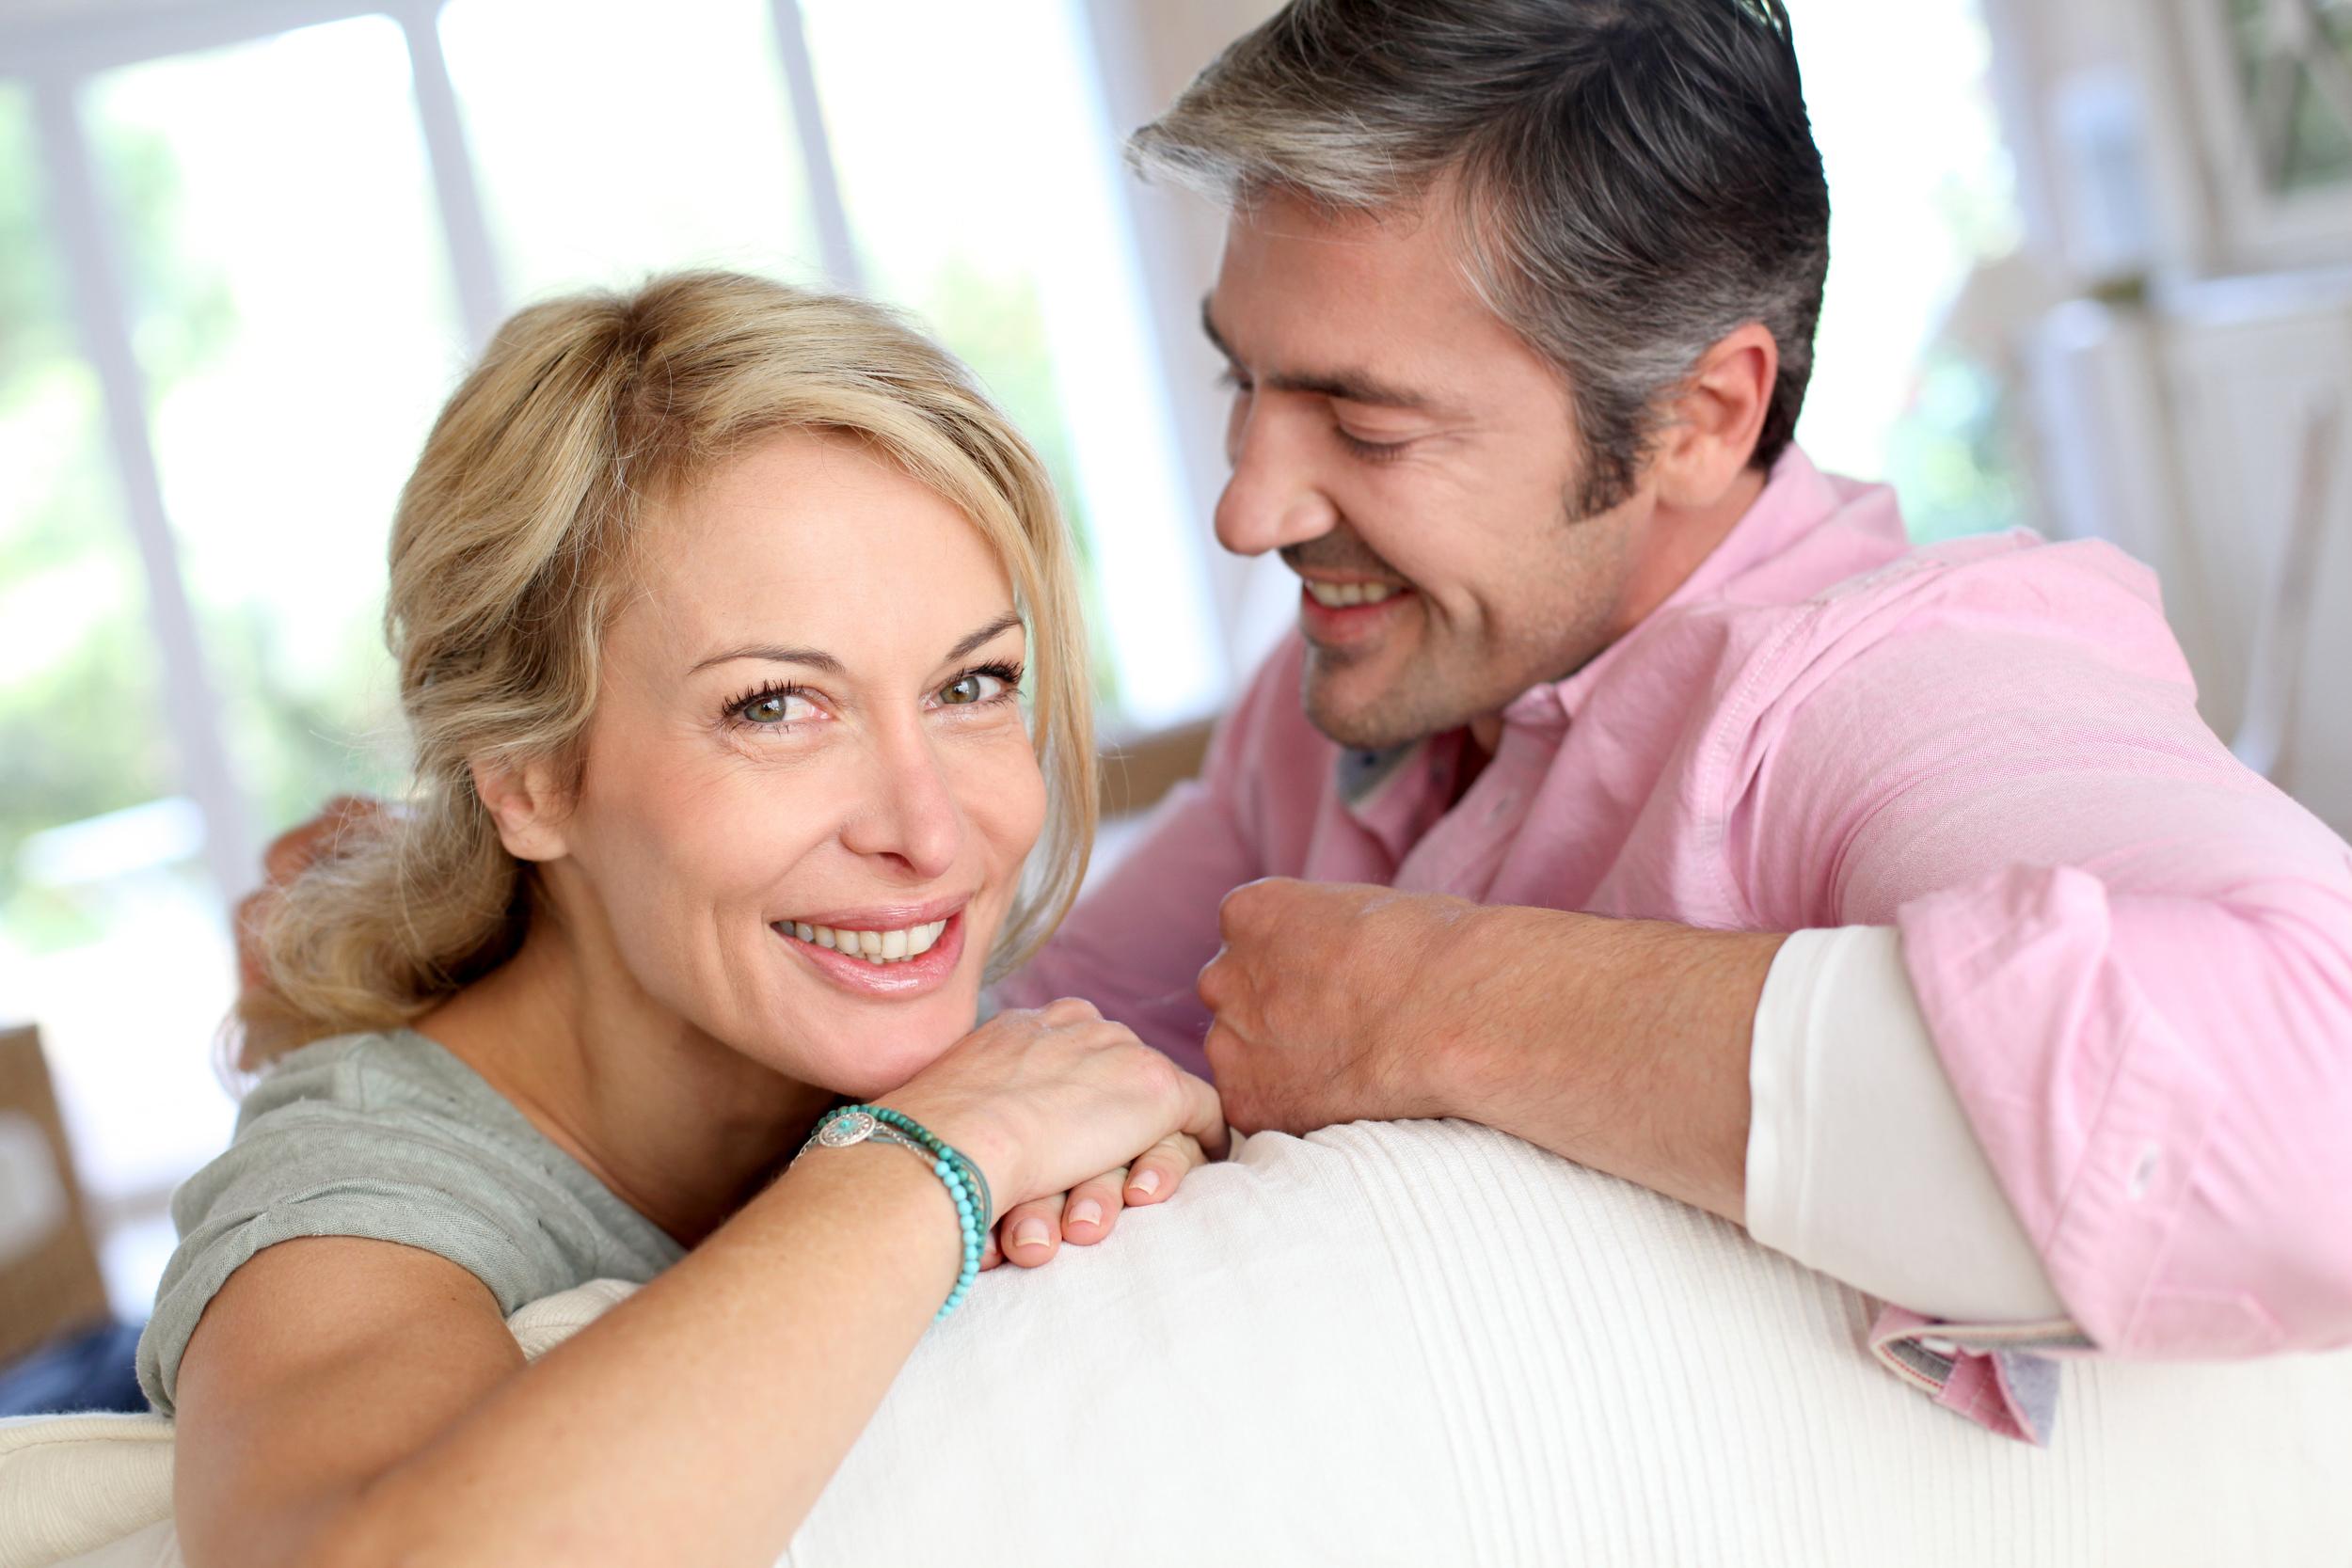 Ovarian Cystectomy